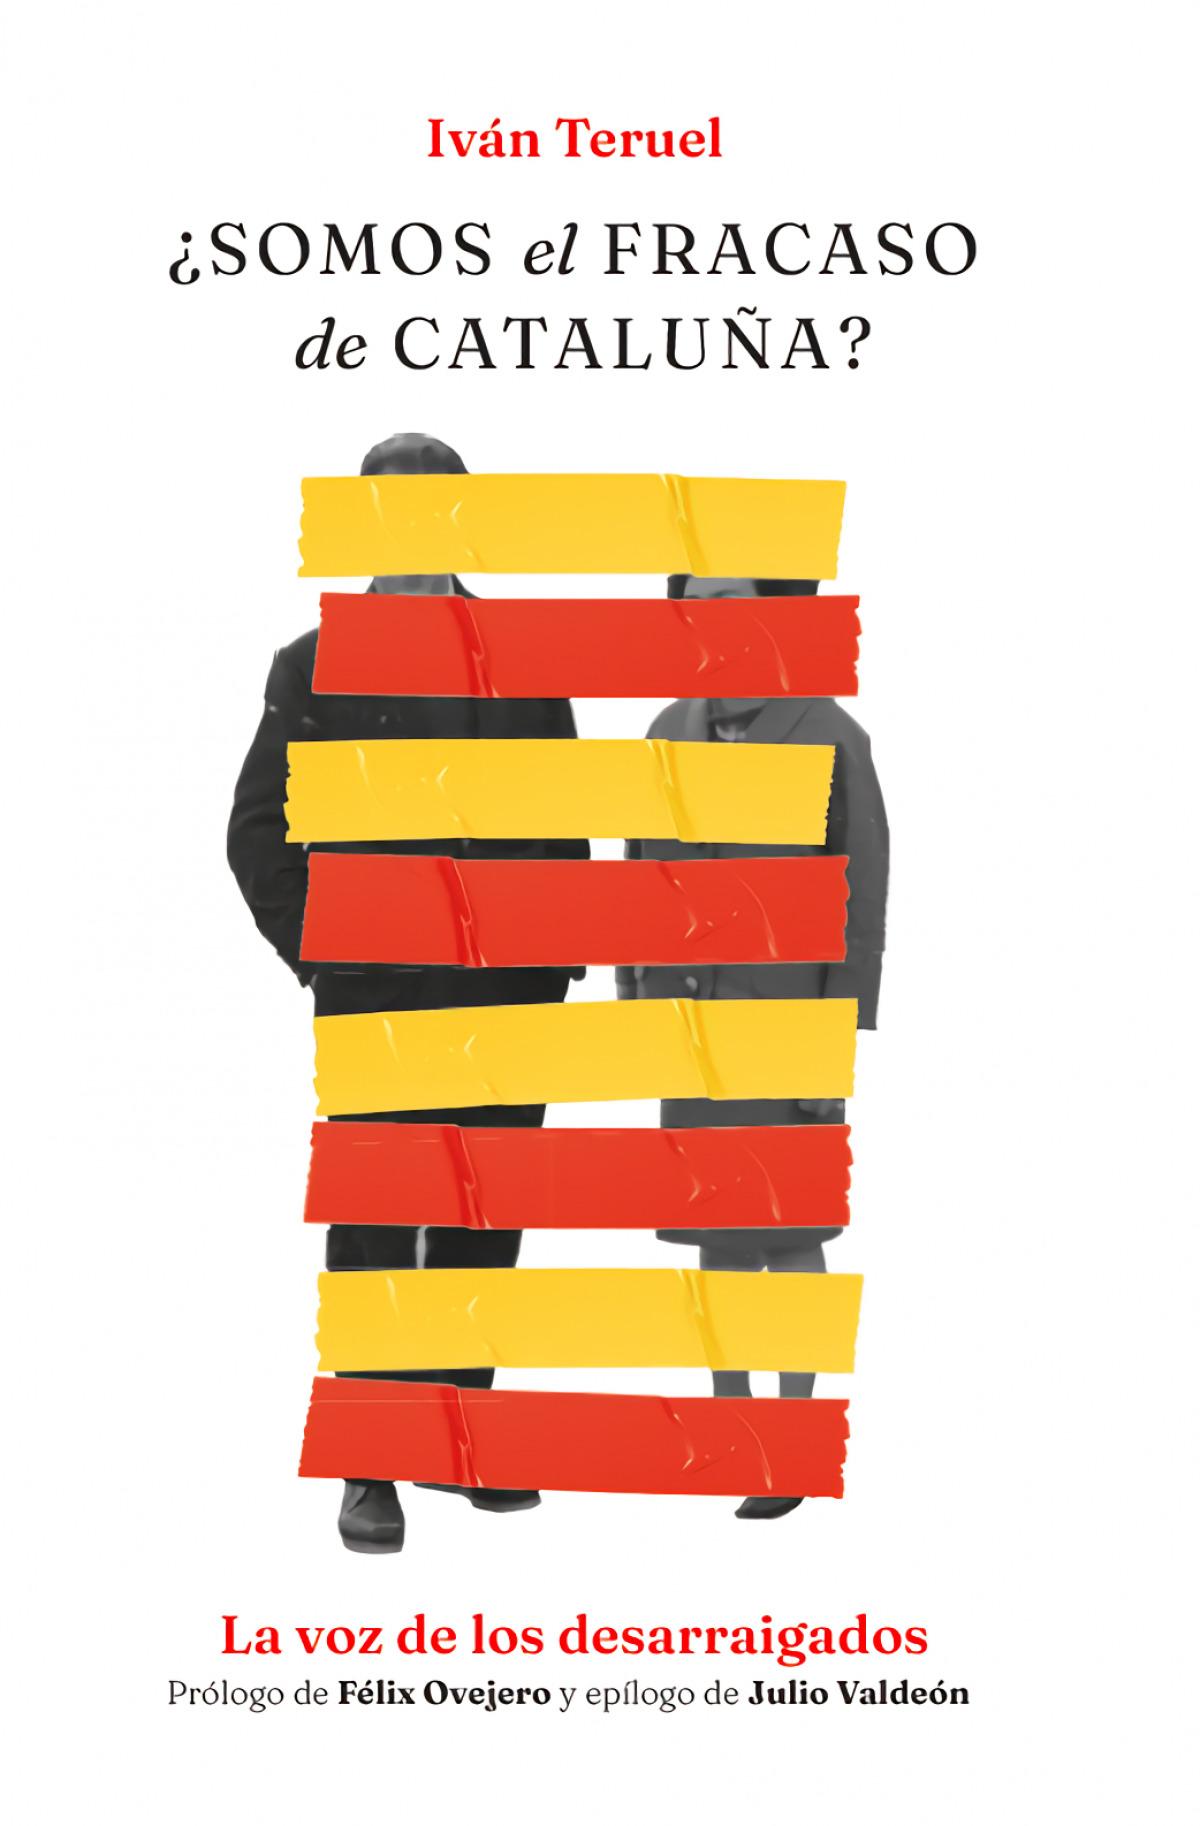 ¿Somos el fracaso de Cataluña?